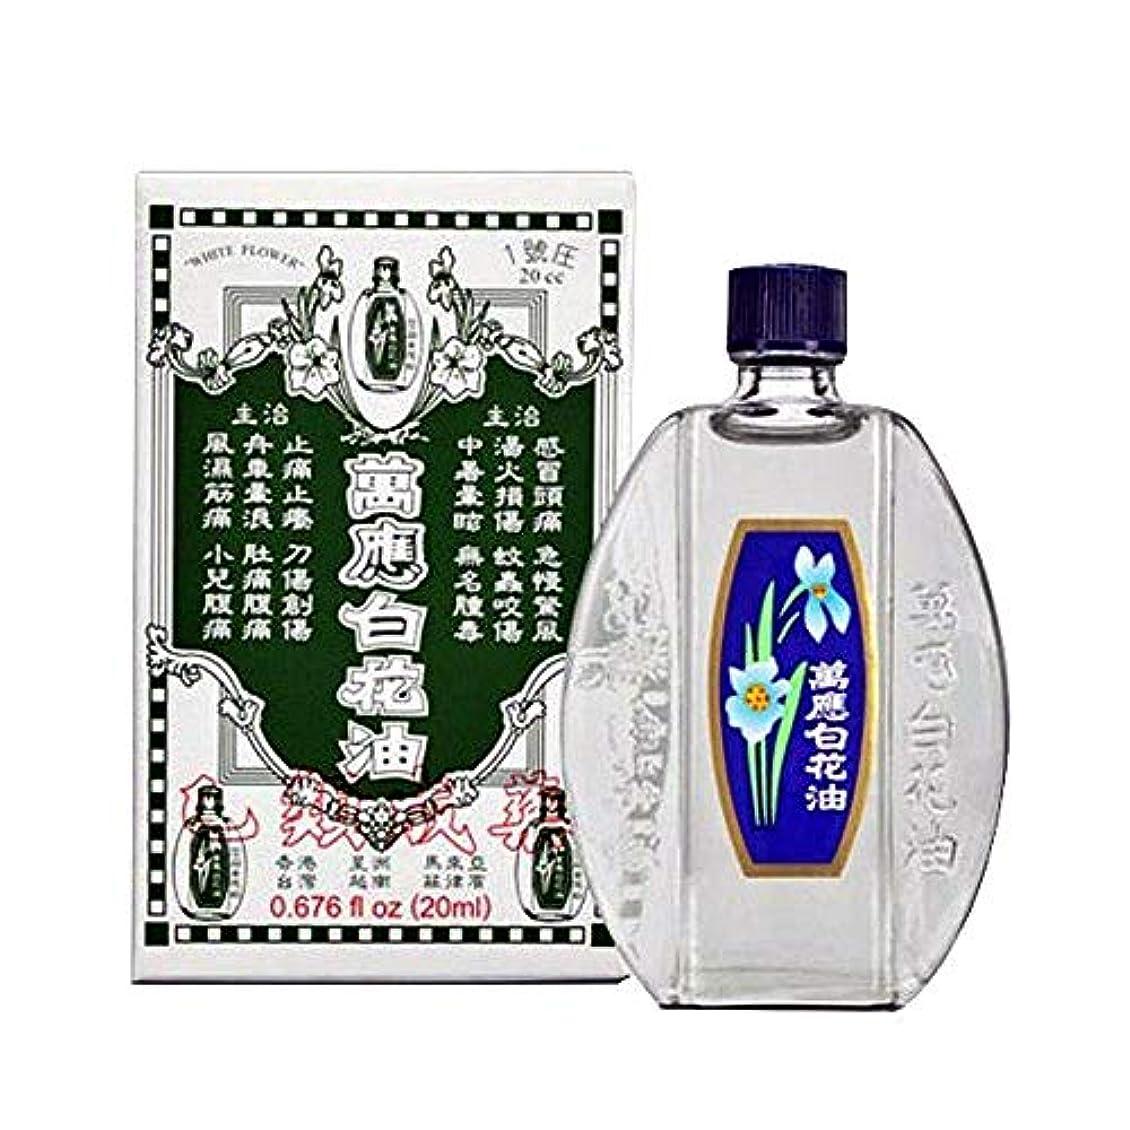 《萬應白花油》 台湾の万能アロマオイル 万能白花油 20ml 《台湾 お土産》 [並行輸入品]